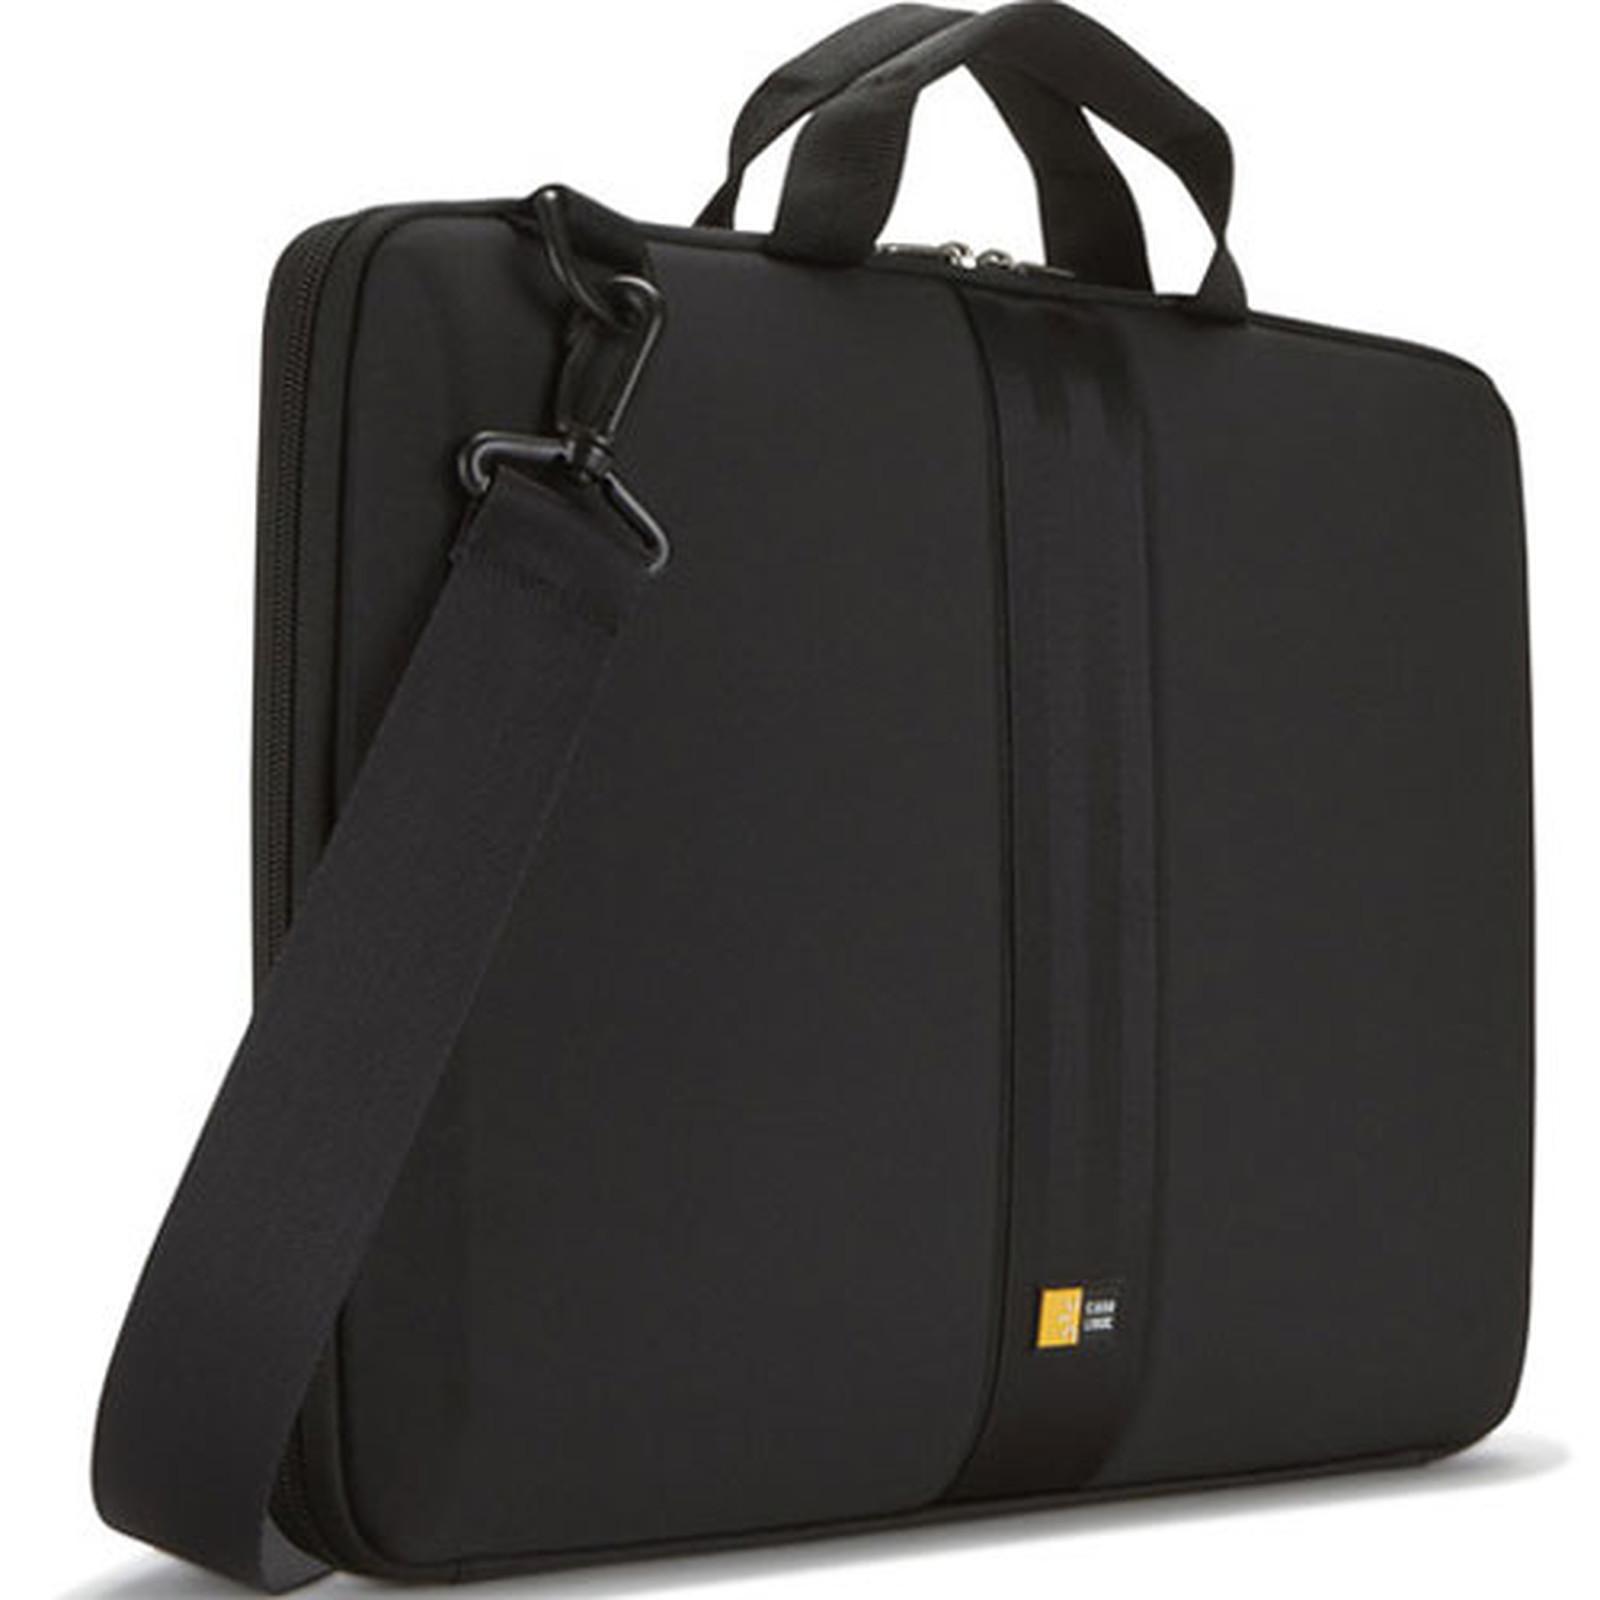 44d3d3a6d1 Case Logic QNS-116 Sacoche à coque semi-rigide et rembourrée pour  ordinateur portable ...